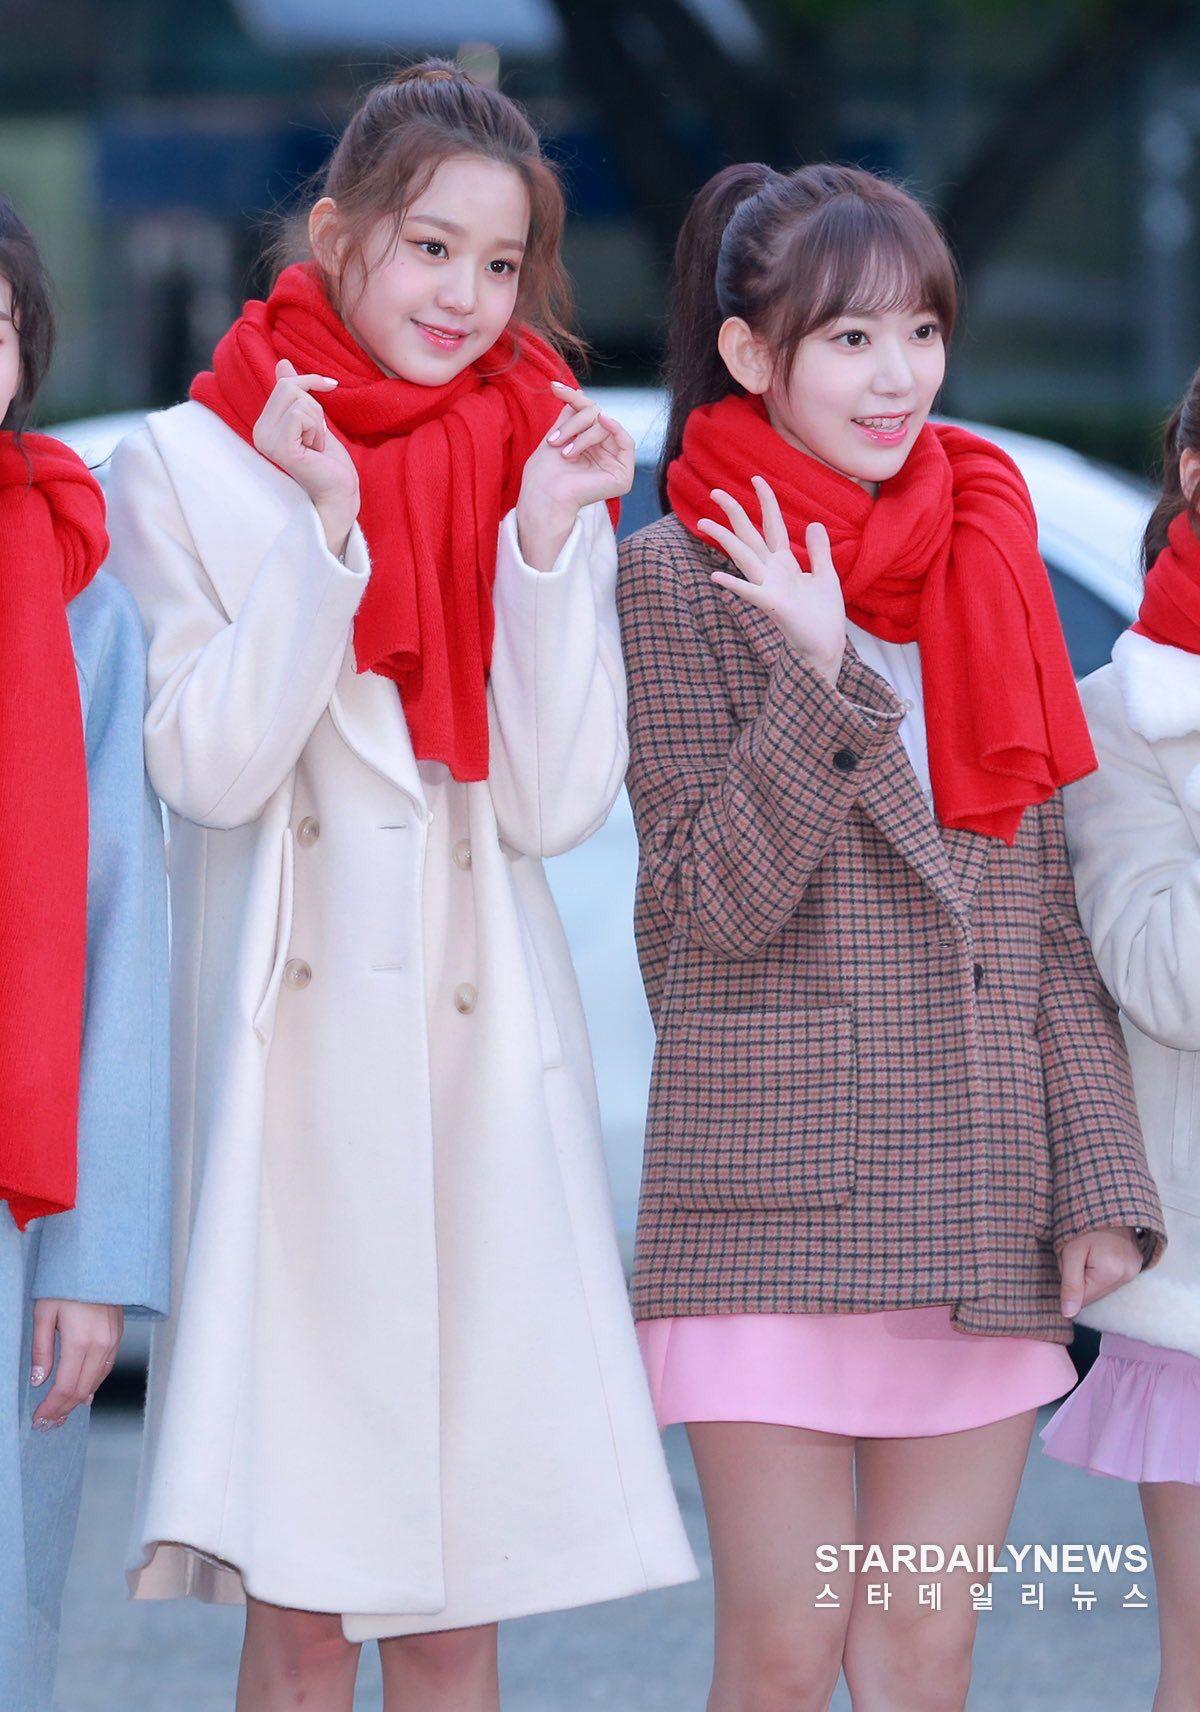 WonyoungSakura2